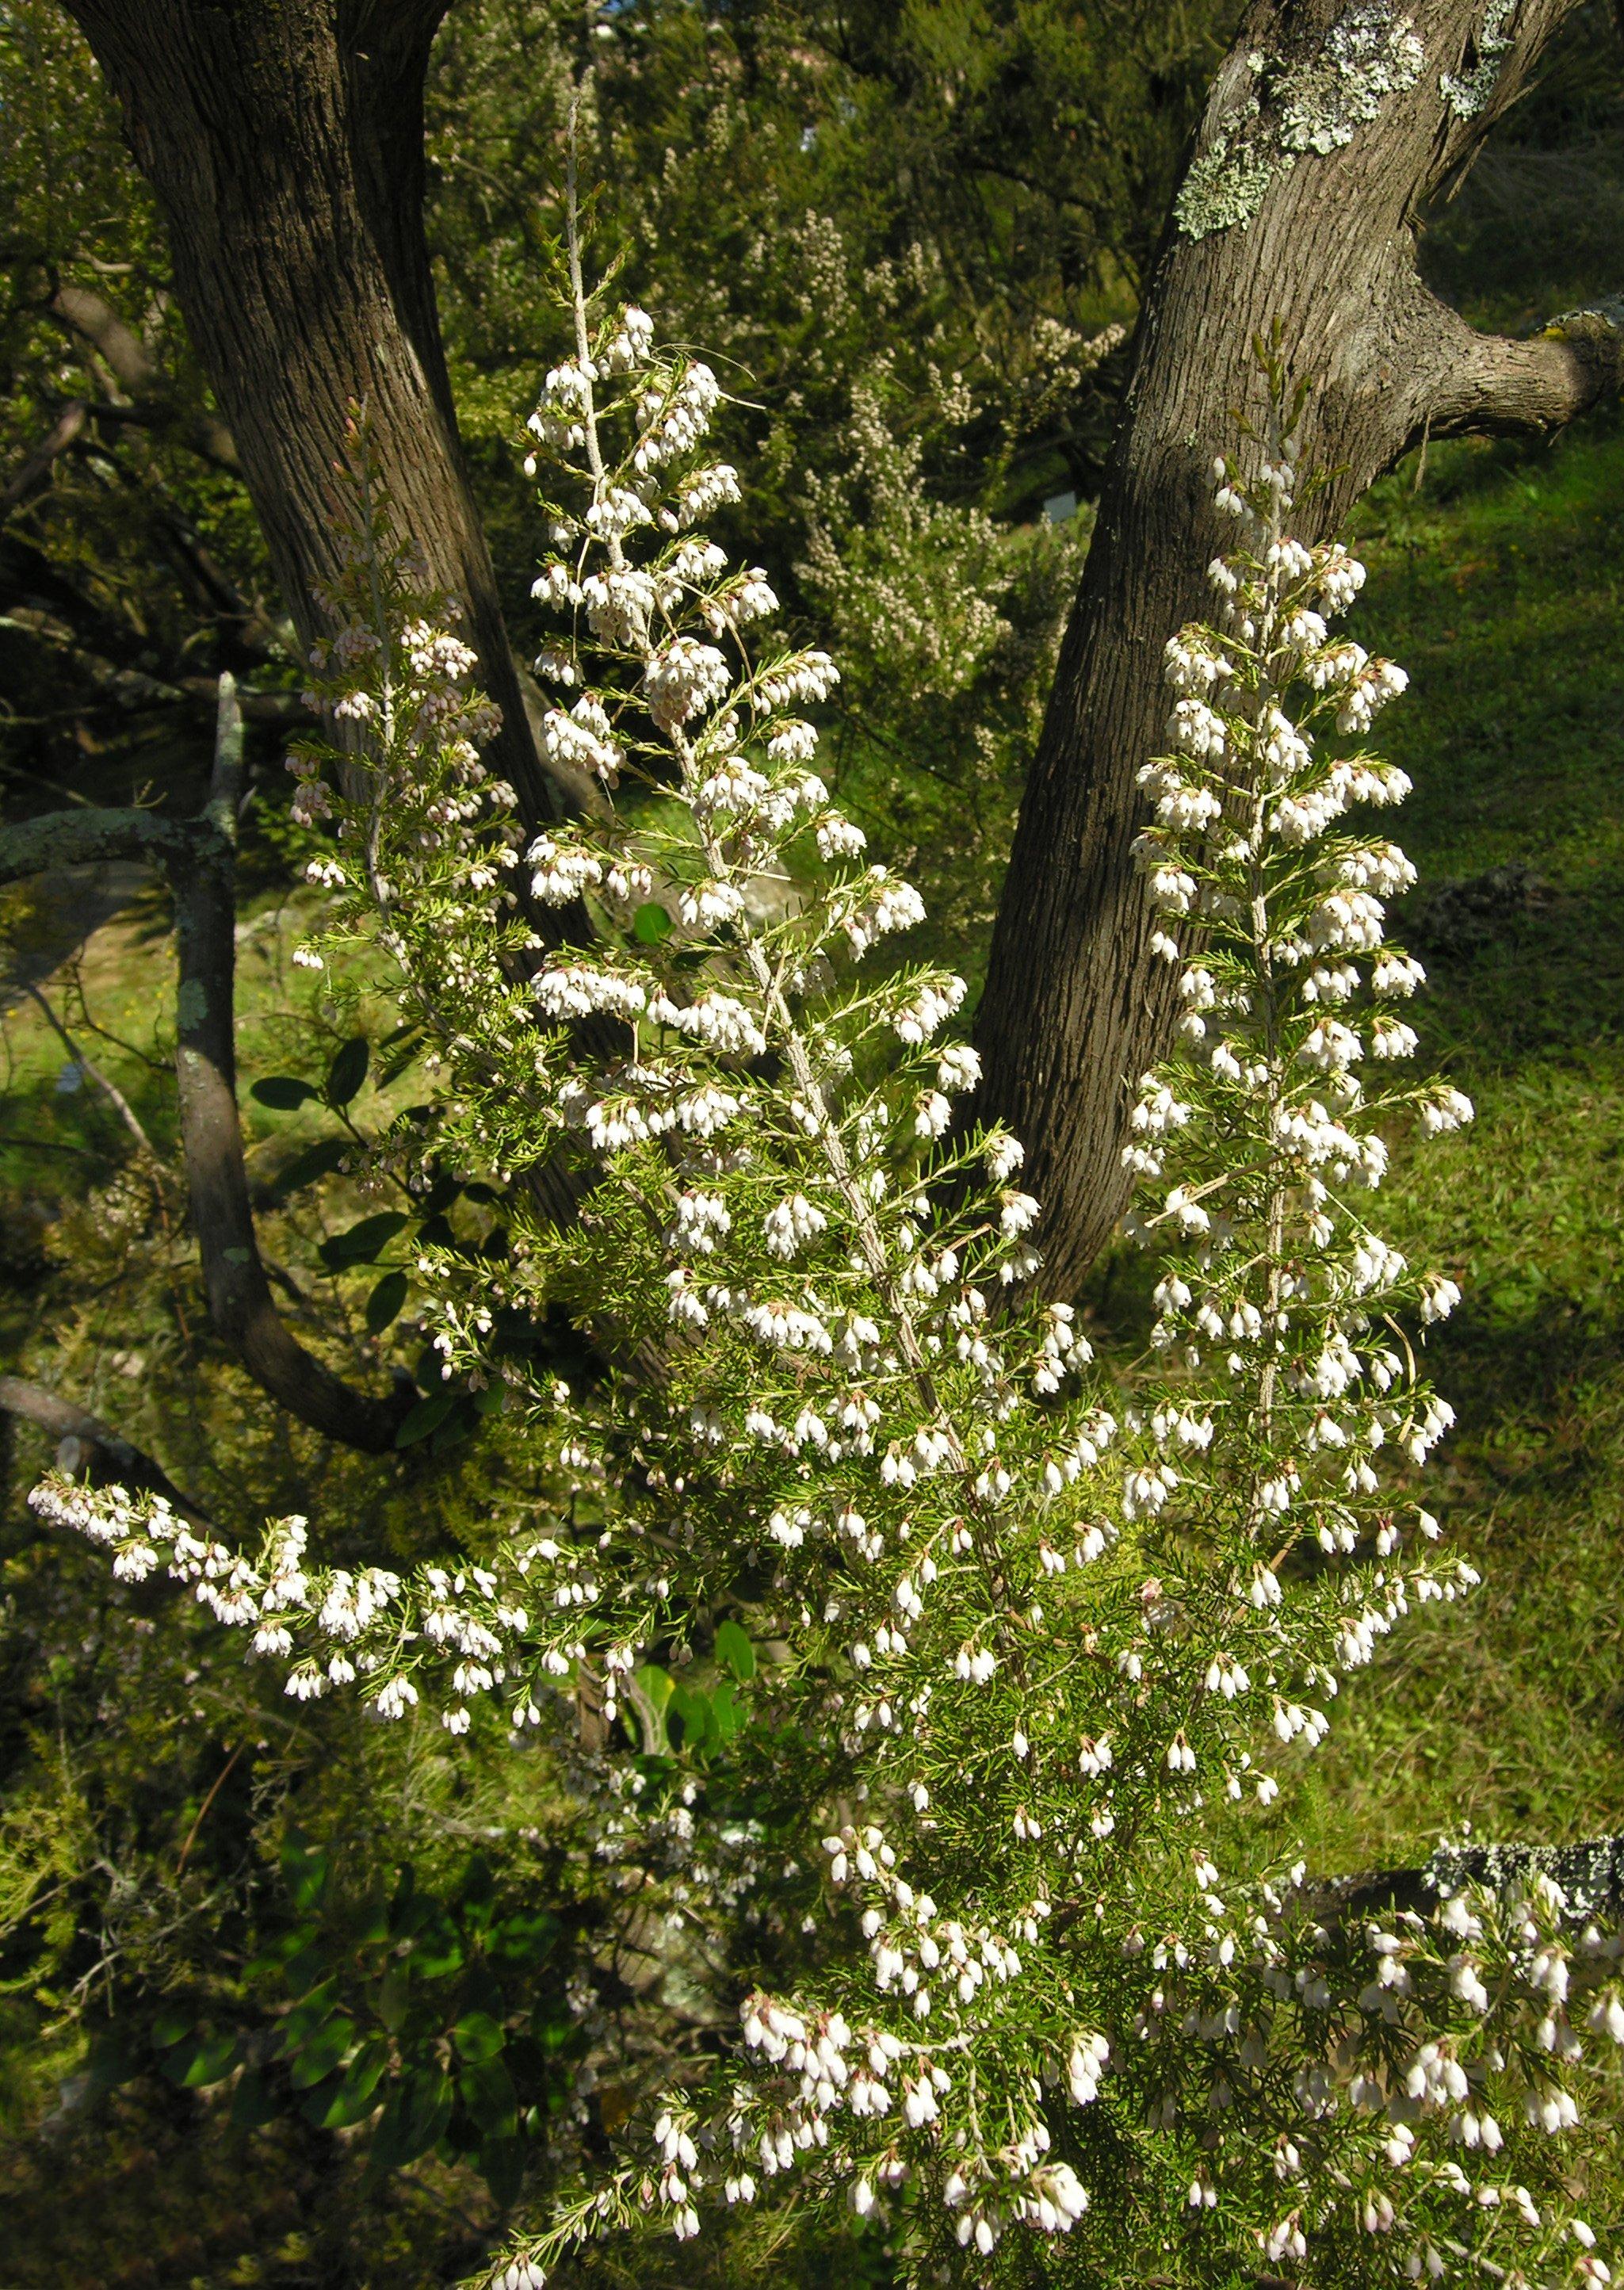 © Dipartimento di Scienze della Vita, Università degli Studi di Trieste<br>by Andrea Moro<br>Comune di Siena, Orto Botanico., SI, Toscana, Italia, 09/04/2007<br>Distributed under CC-BY-SA 4.0 license.